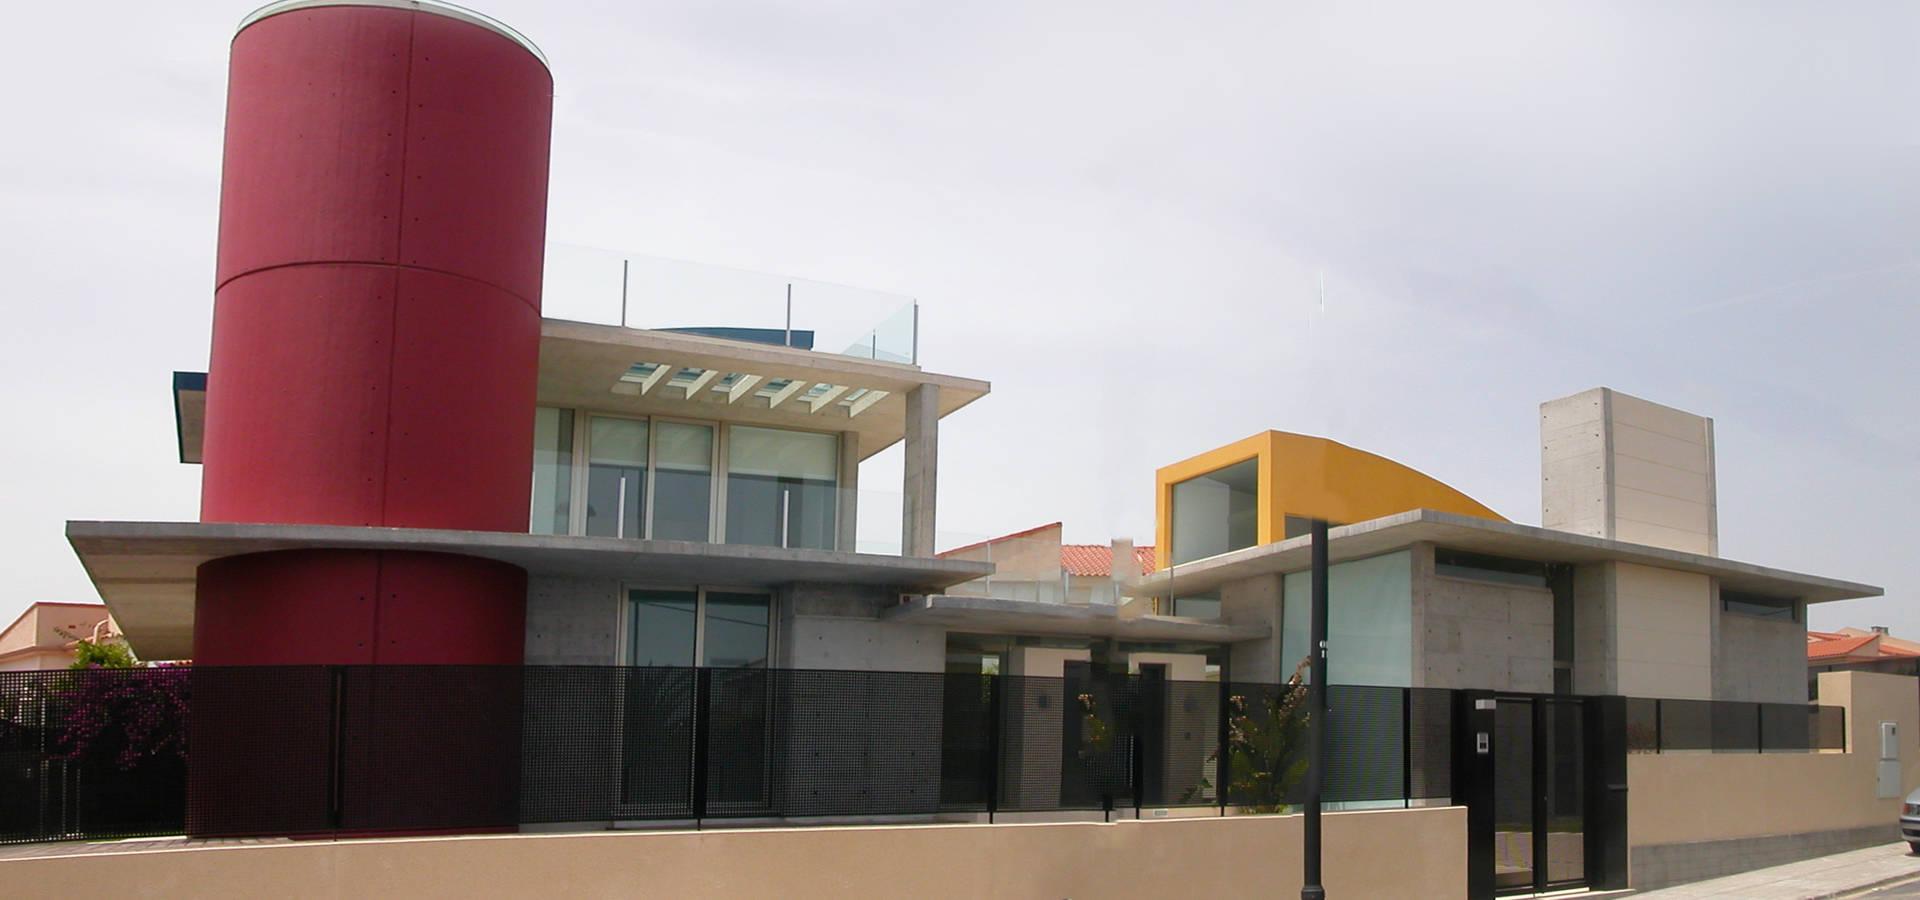 Garcia de leonardo arquitectos arquitectos en valencia - Arquitectos en valencia ...